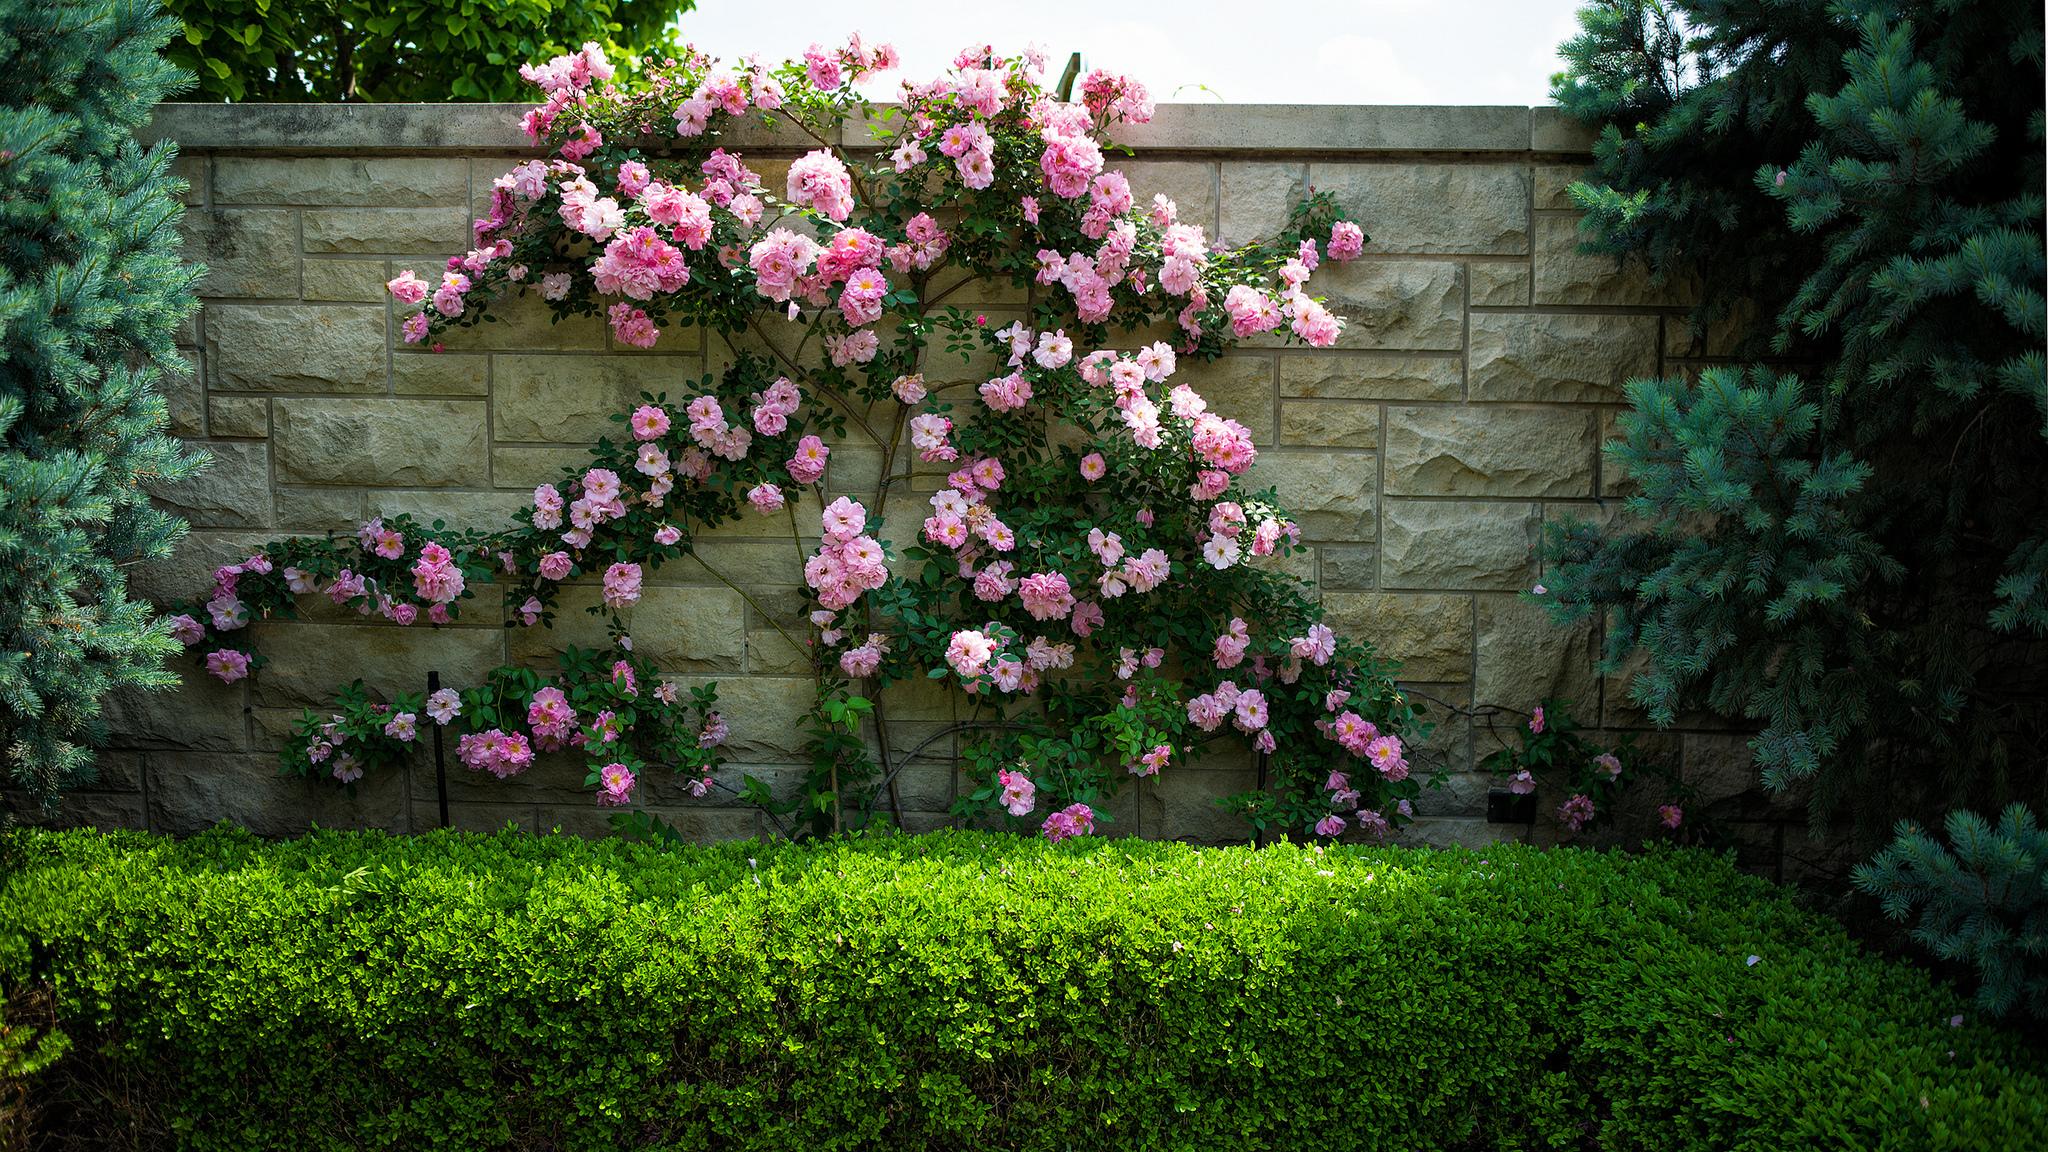 Climber отлично подойдут для декорирования стен, забора и непрезентабельных садовых построек